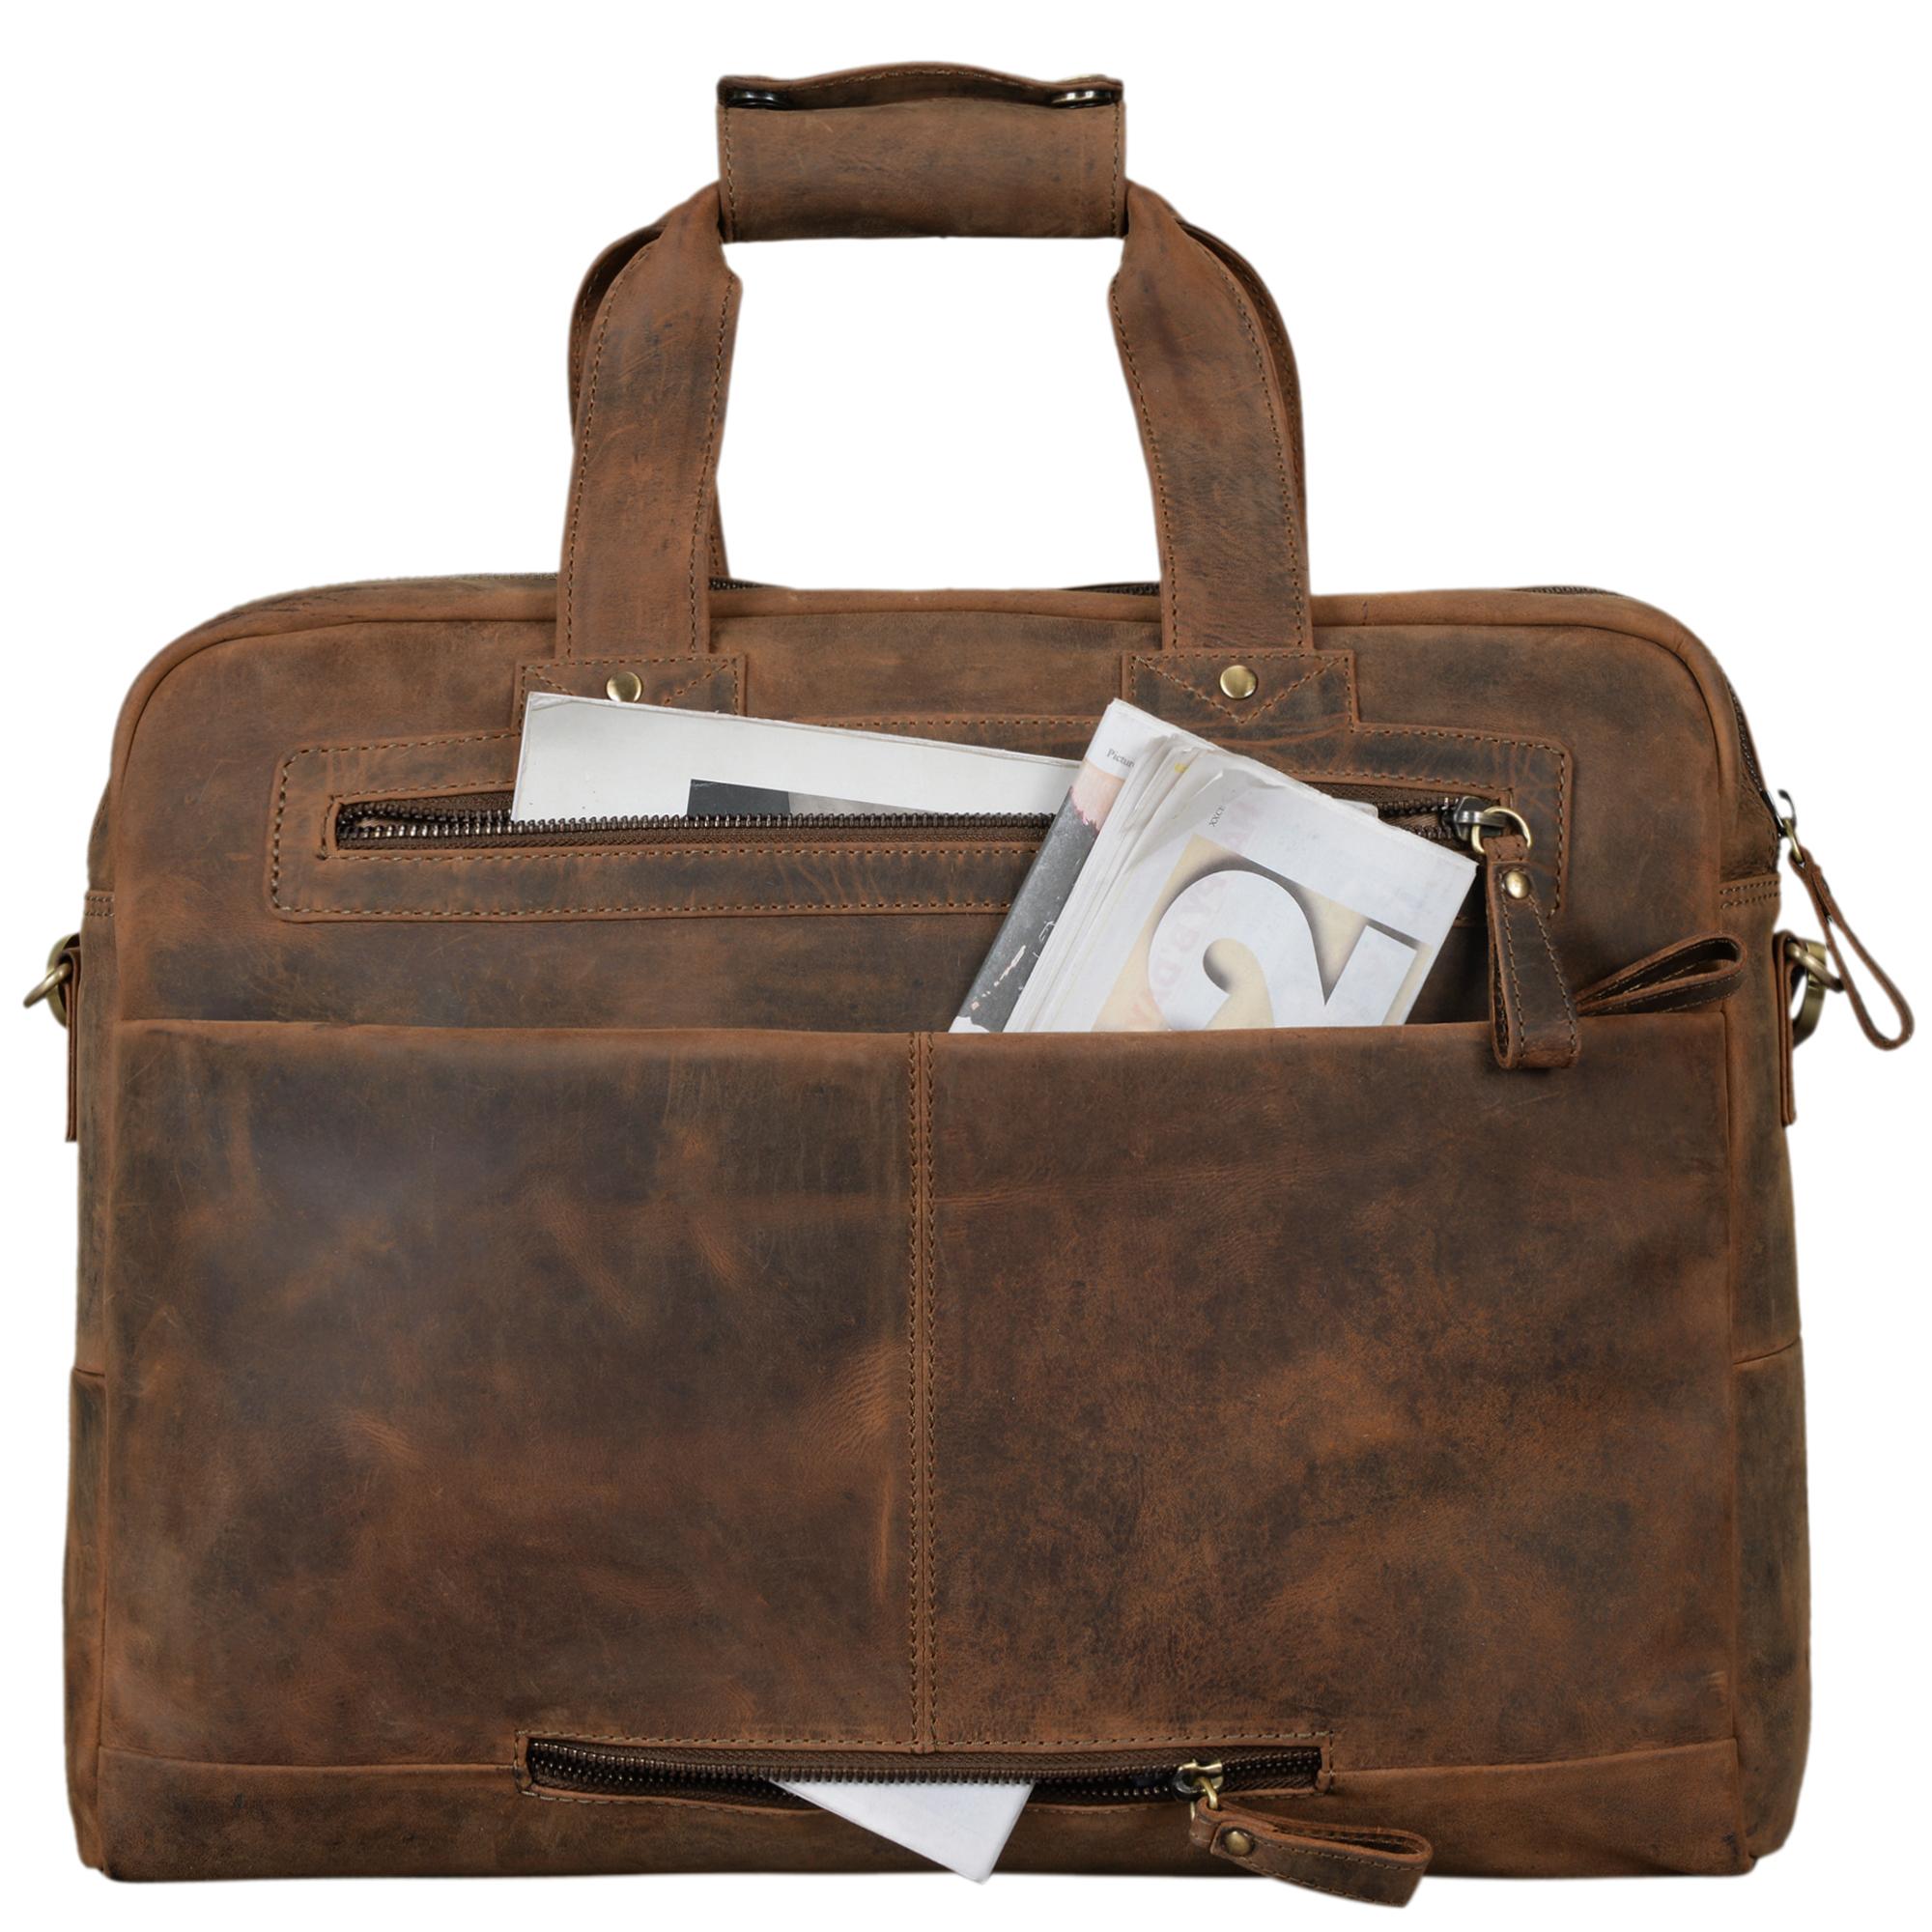 """STILORD """"Patrice"""" Große Leder Umhängetasche Herren Vintage Schultertasche für DIN A4 Ordner Businesstasche mit 15.6 Zoll Laptopfach Trolley aufsteckbar - Bild 14"""